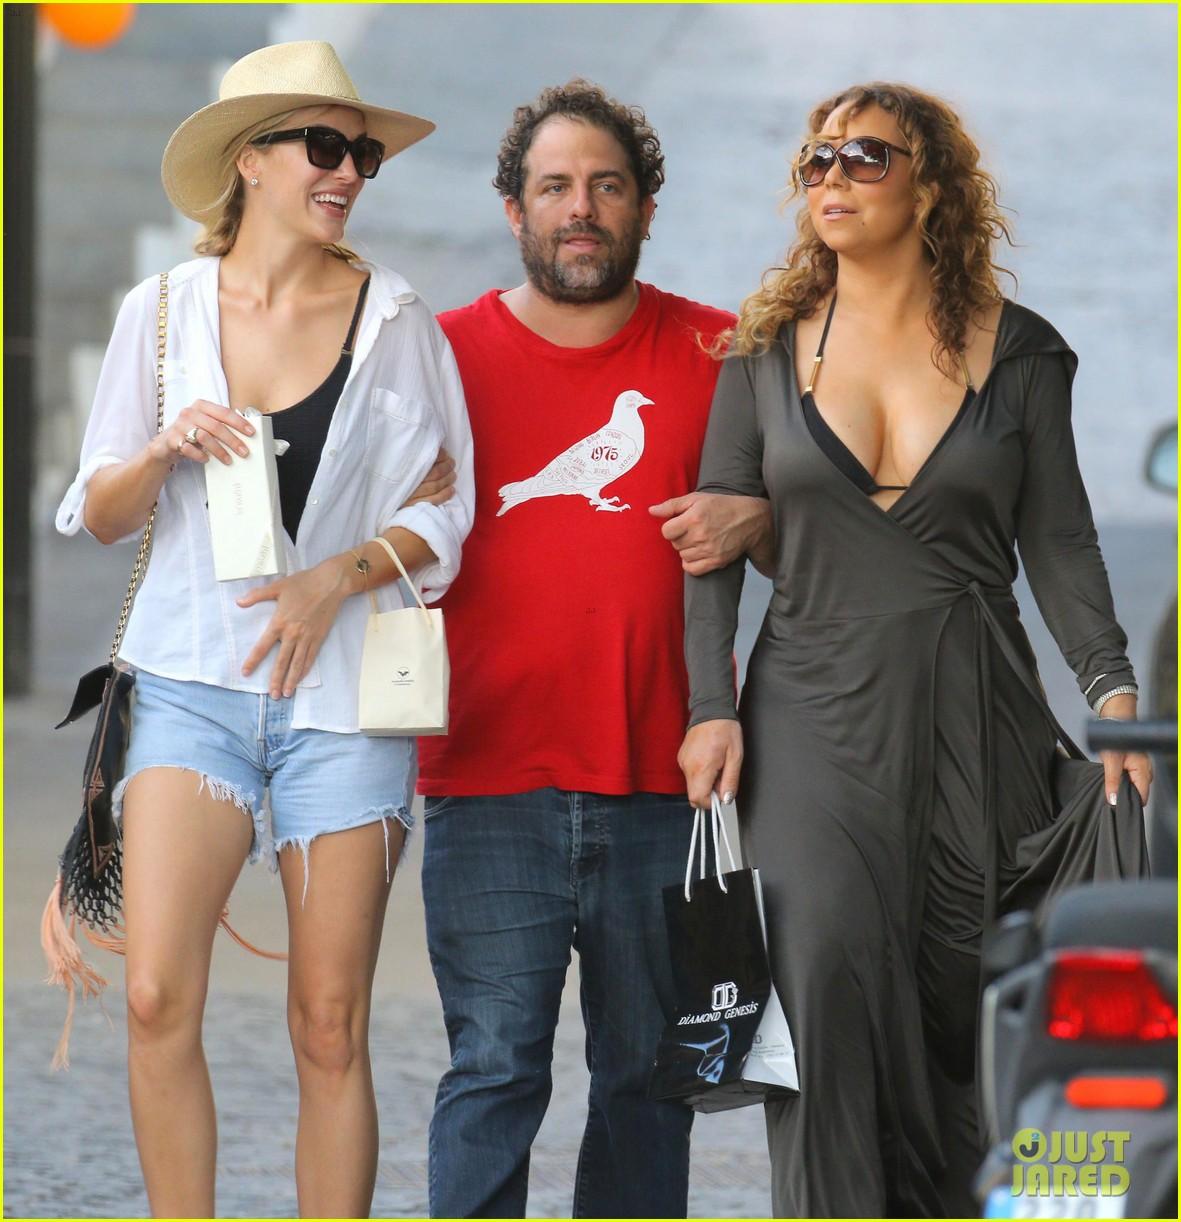 Mariah carey dating rumors